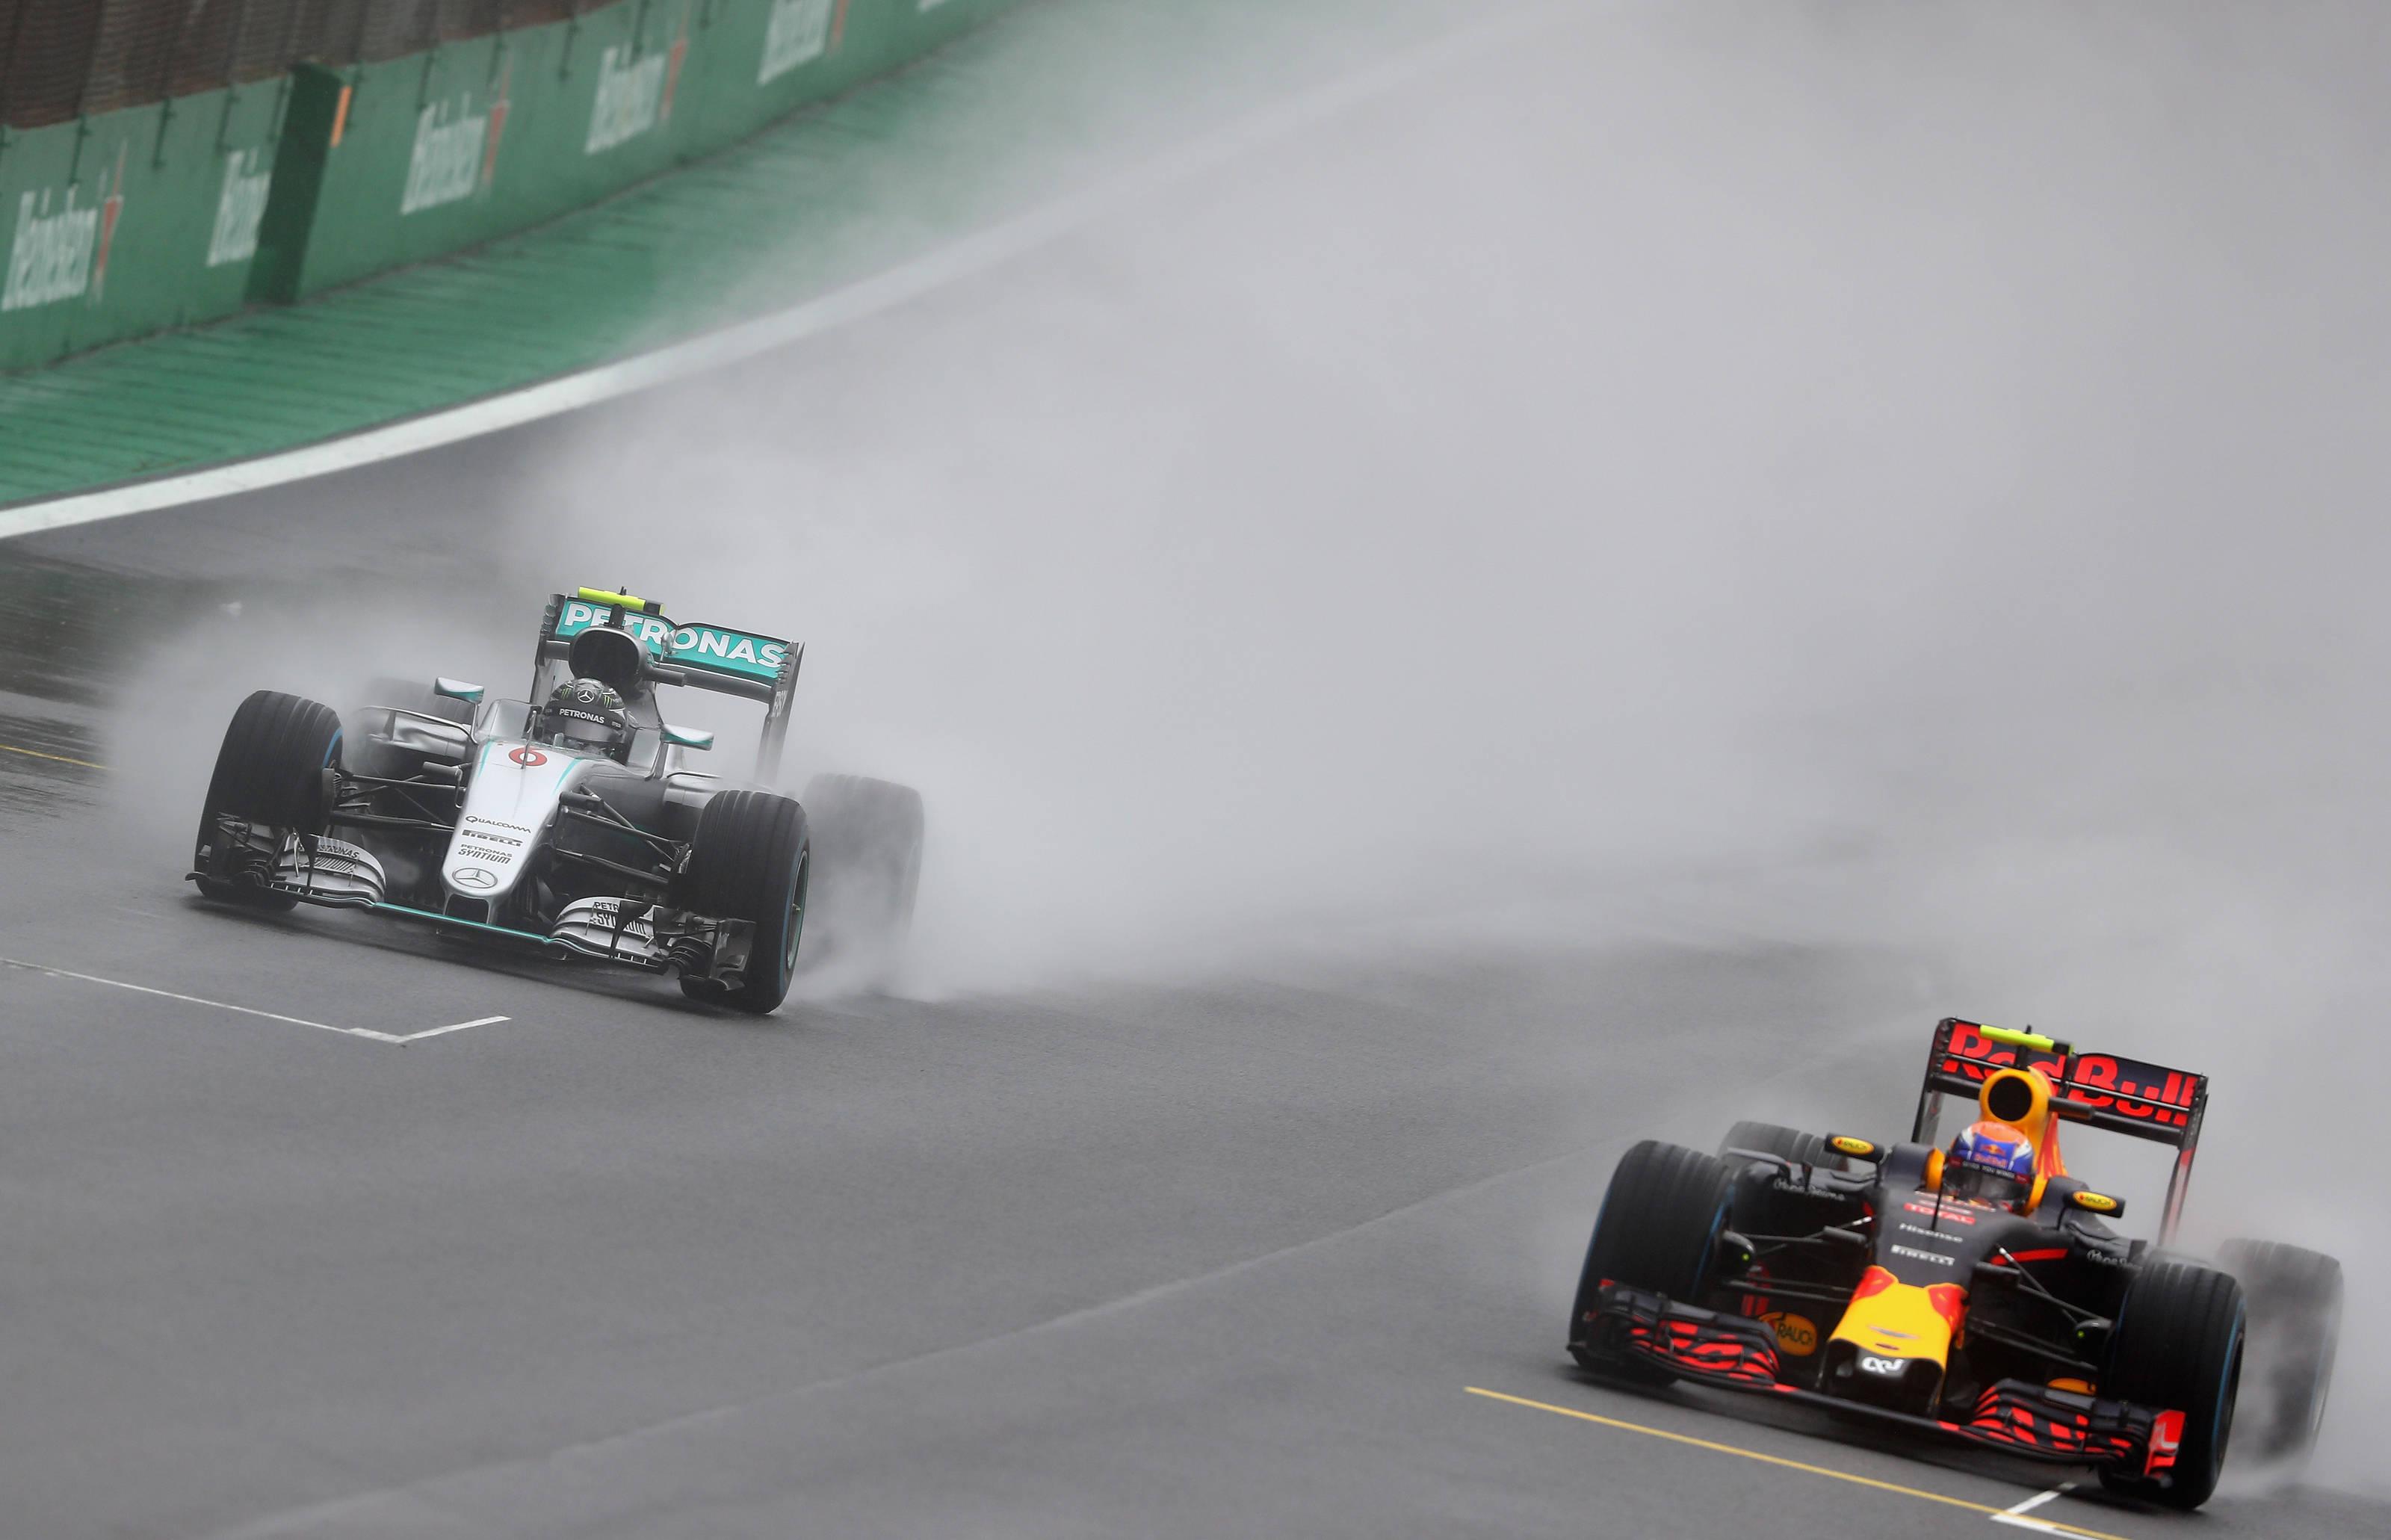 Max Verstappen at Interlagos